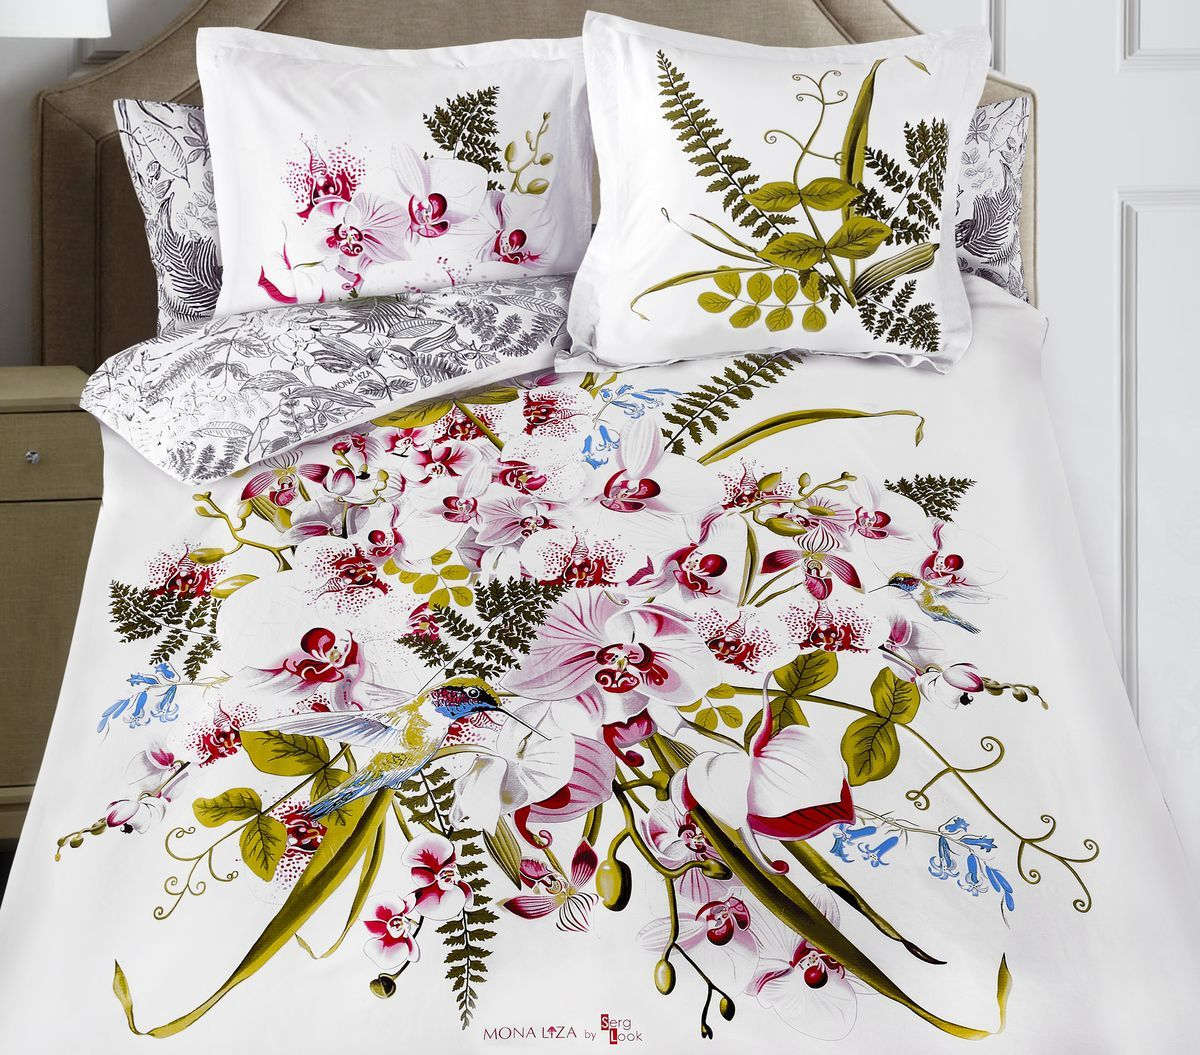 Комплект белья Mona Liza Orchid, евро, наволочки 50x70, 70x709/5Флоральные мотивы редких экзотических цветов, переведенные в паттерн, позаимствованы из путешествий по тропическим лесам, будоражат воображение природными сочетаниями цветовых палитр и роскошью принтов. Коллекция принесет в ваш дом незабываемое настроение и добавит колорит. Высококачественный сатин окутает и позволит раствориться в мечтах о дальних жарких странах и окунуться во время вечного лета!Советы по выбору постельного белья от блогера Ирины Соковых. Статья OZON Гид